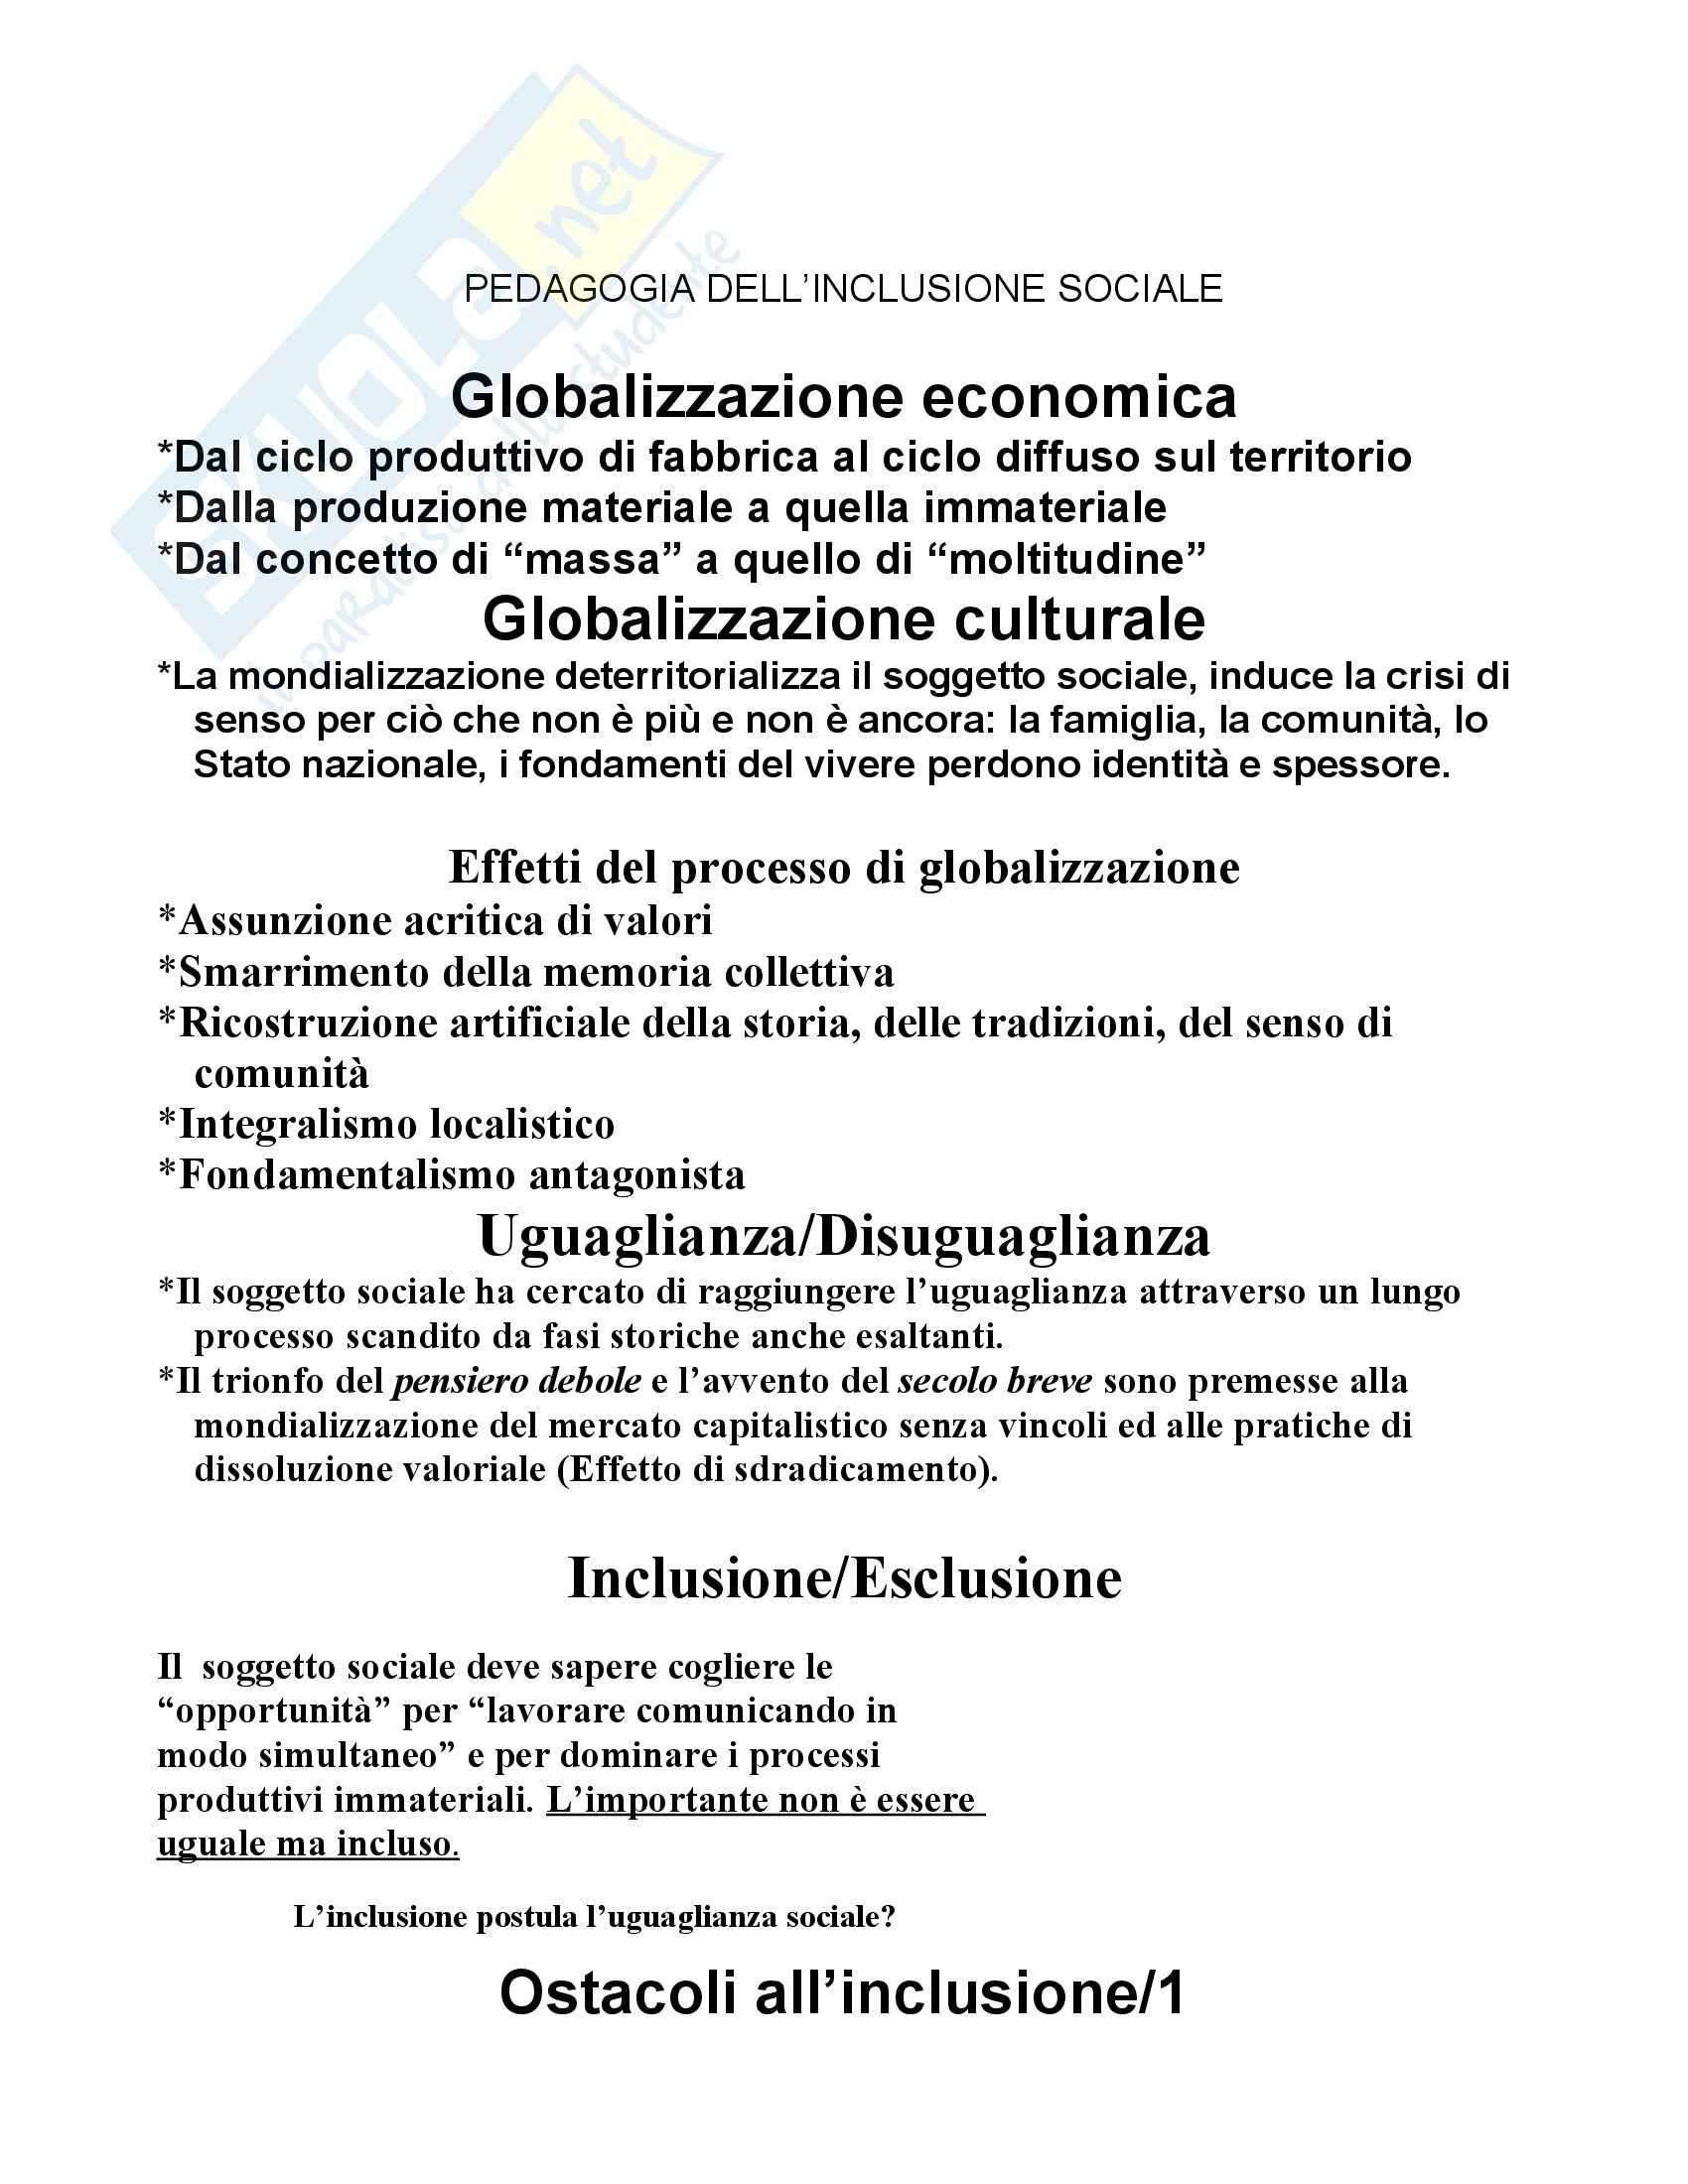 Pedagogia dell'inclusione sociale - Appunti